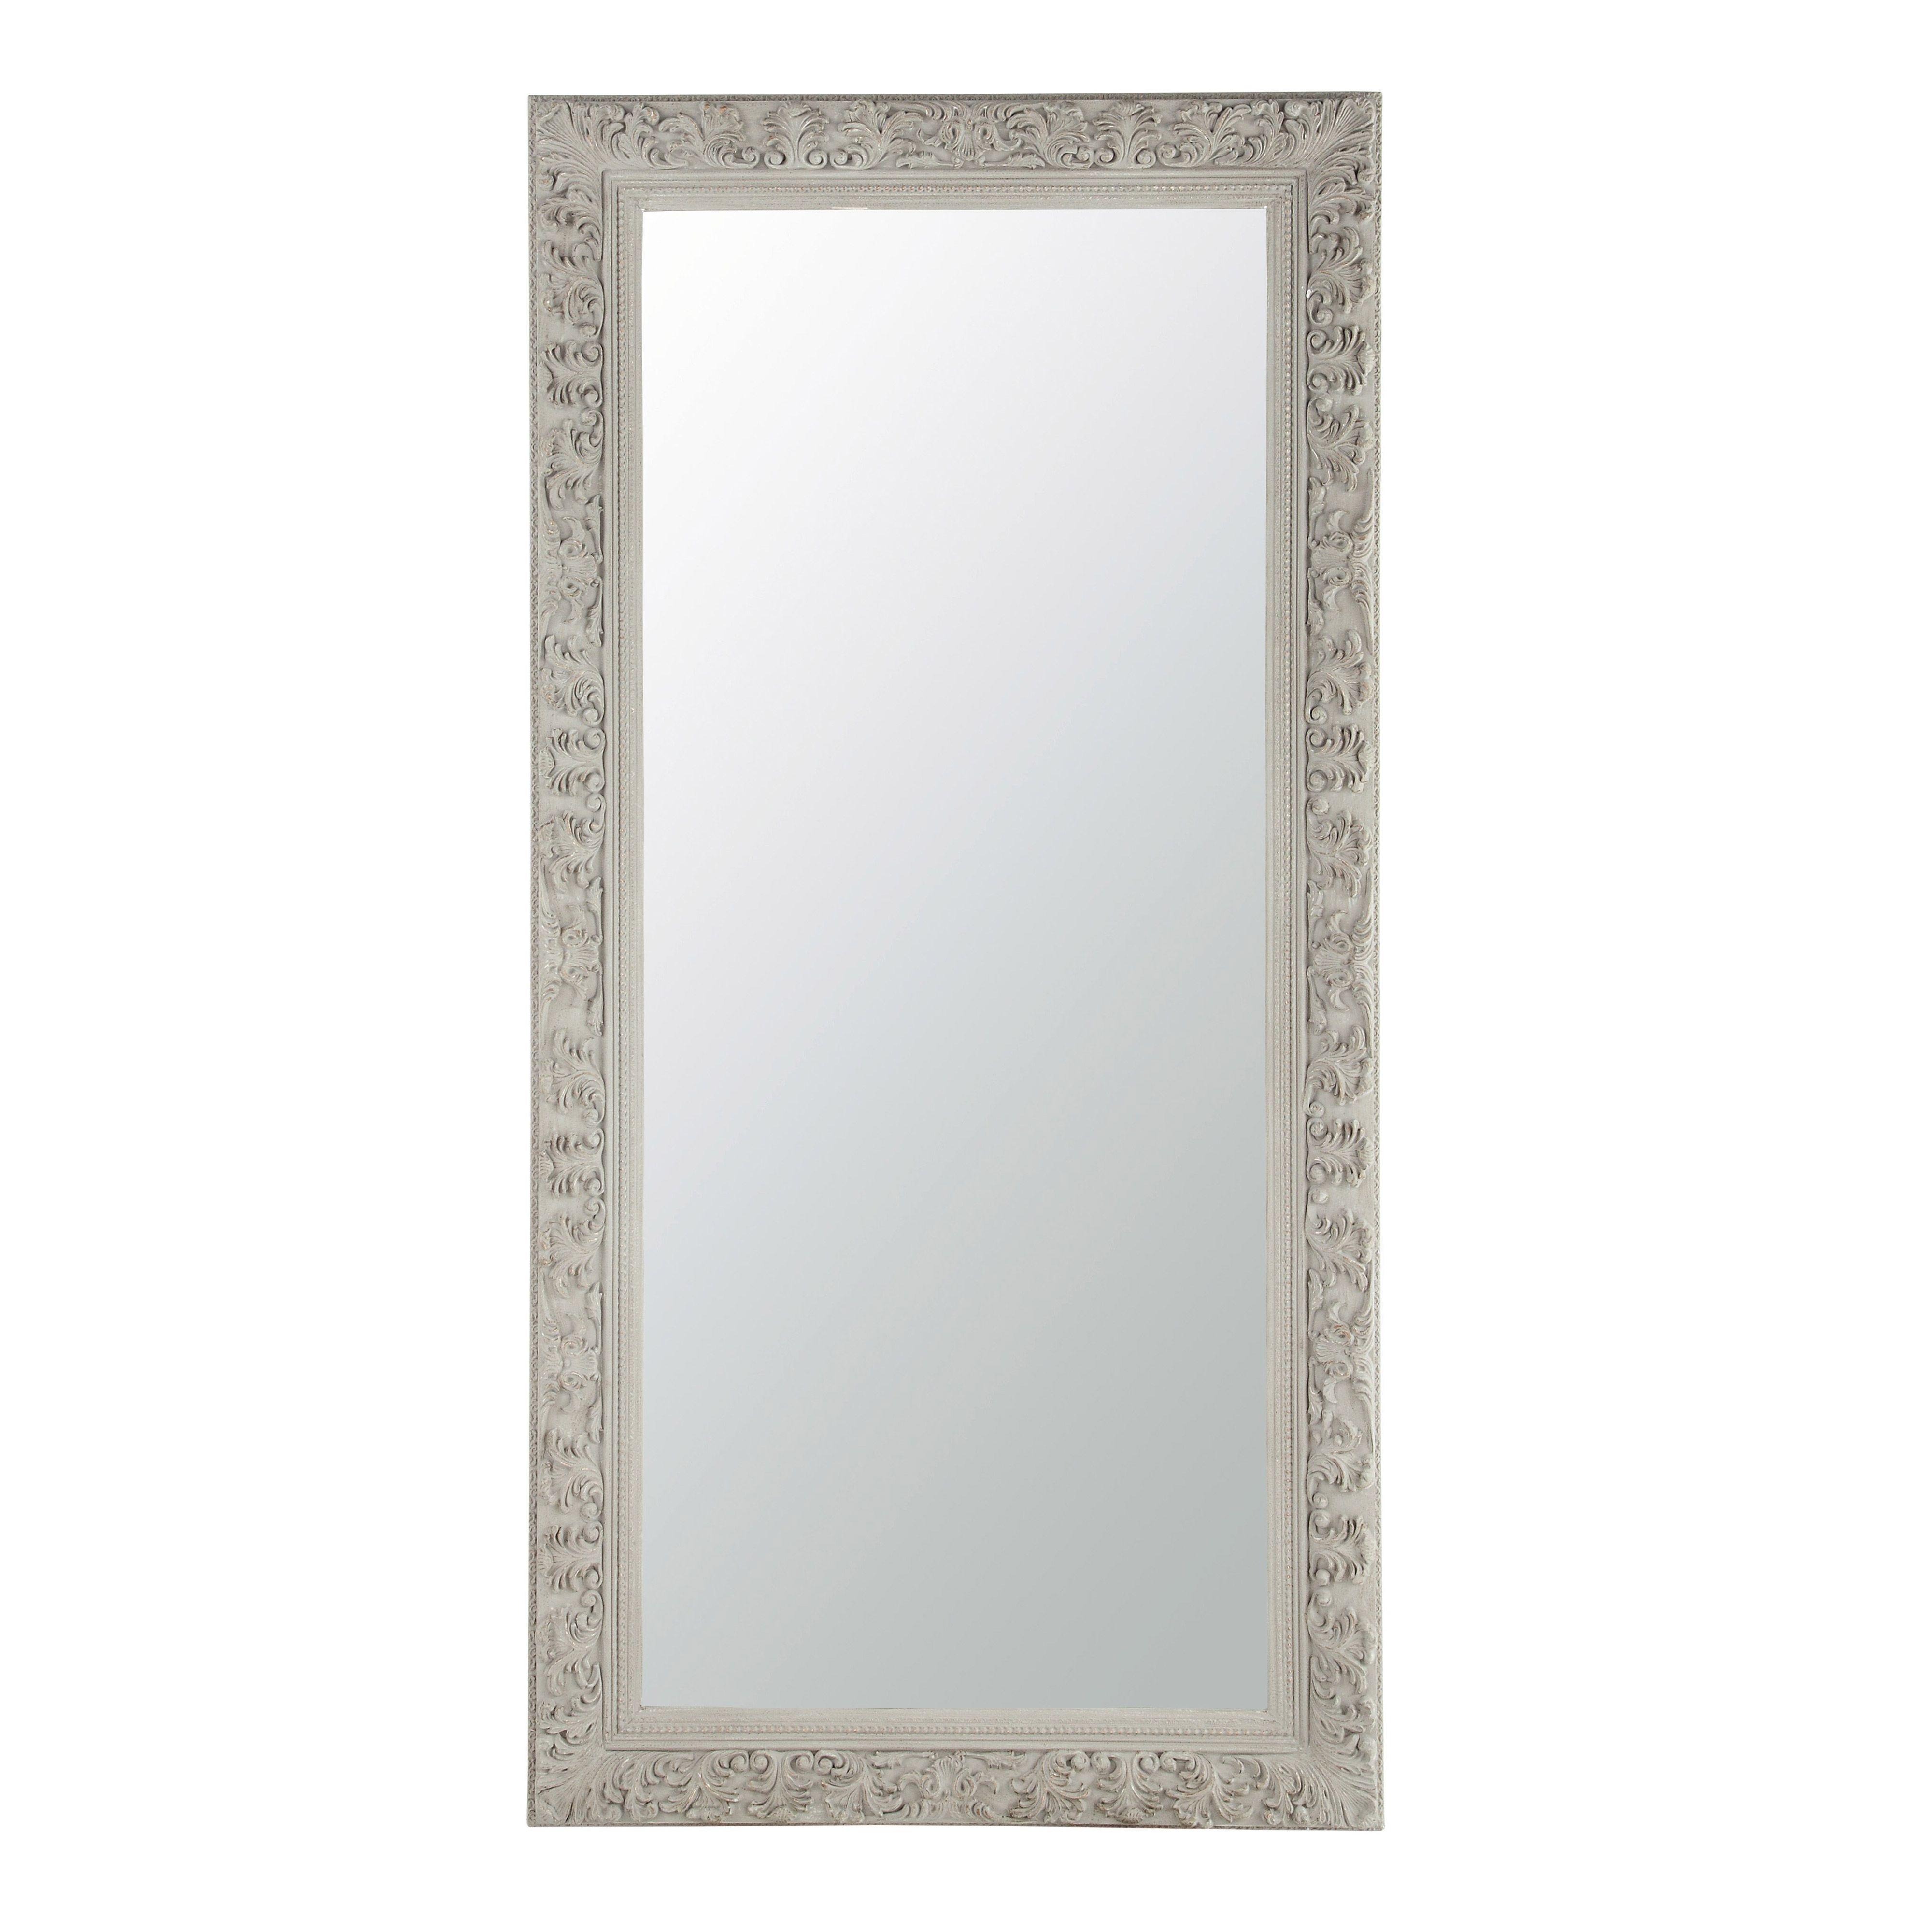 miroir en bois beige gris h 180 cm ali nor id es d co. Black Bedroom Furniture Sets. Home Design Ideas